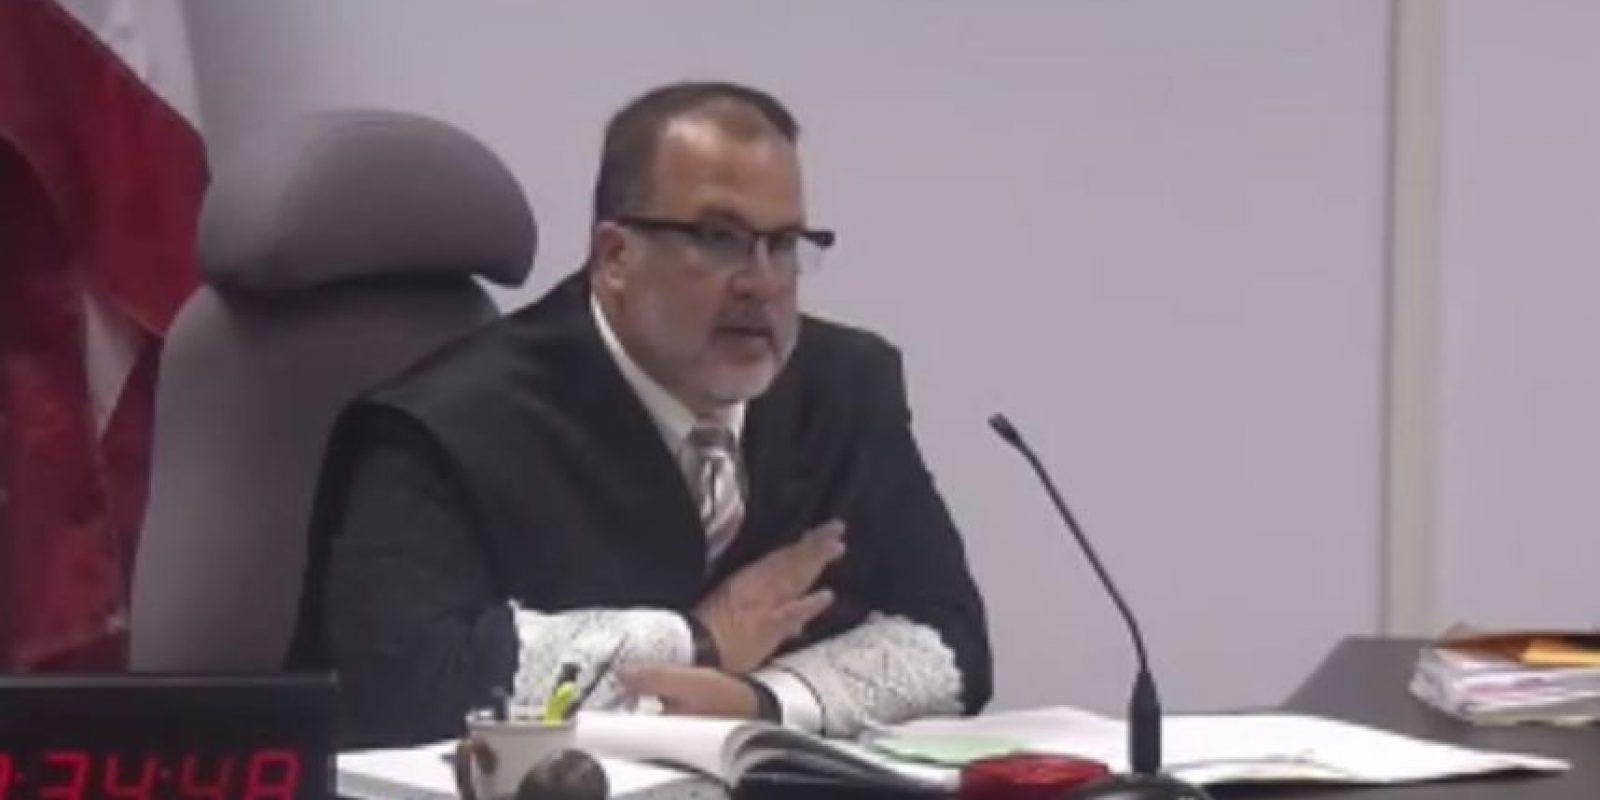 Juez Rebollo Casalduc. Foto:captura de pantalla. Imagen Por: